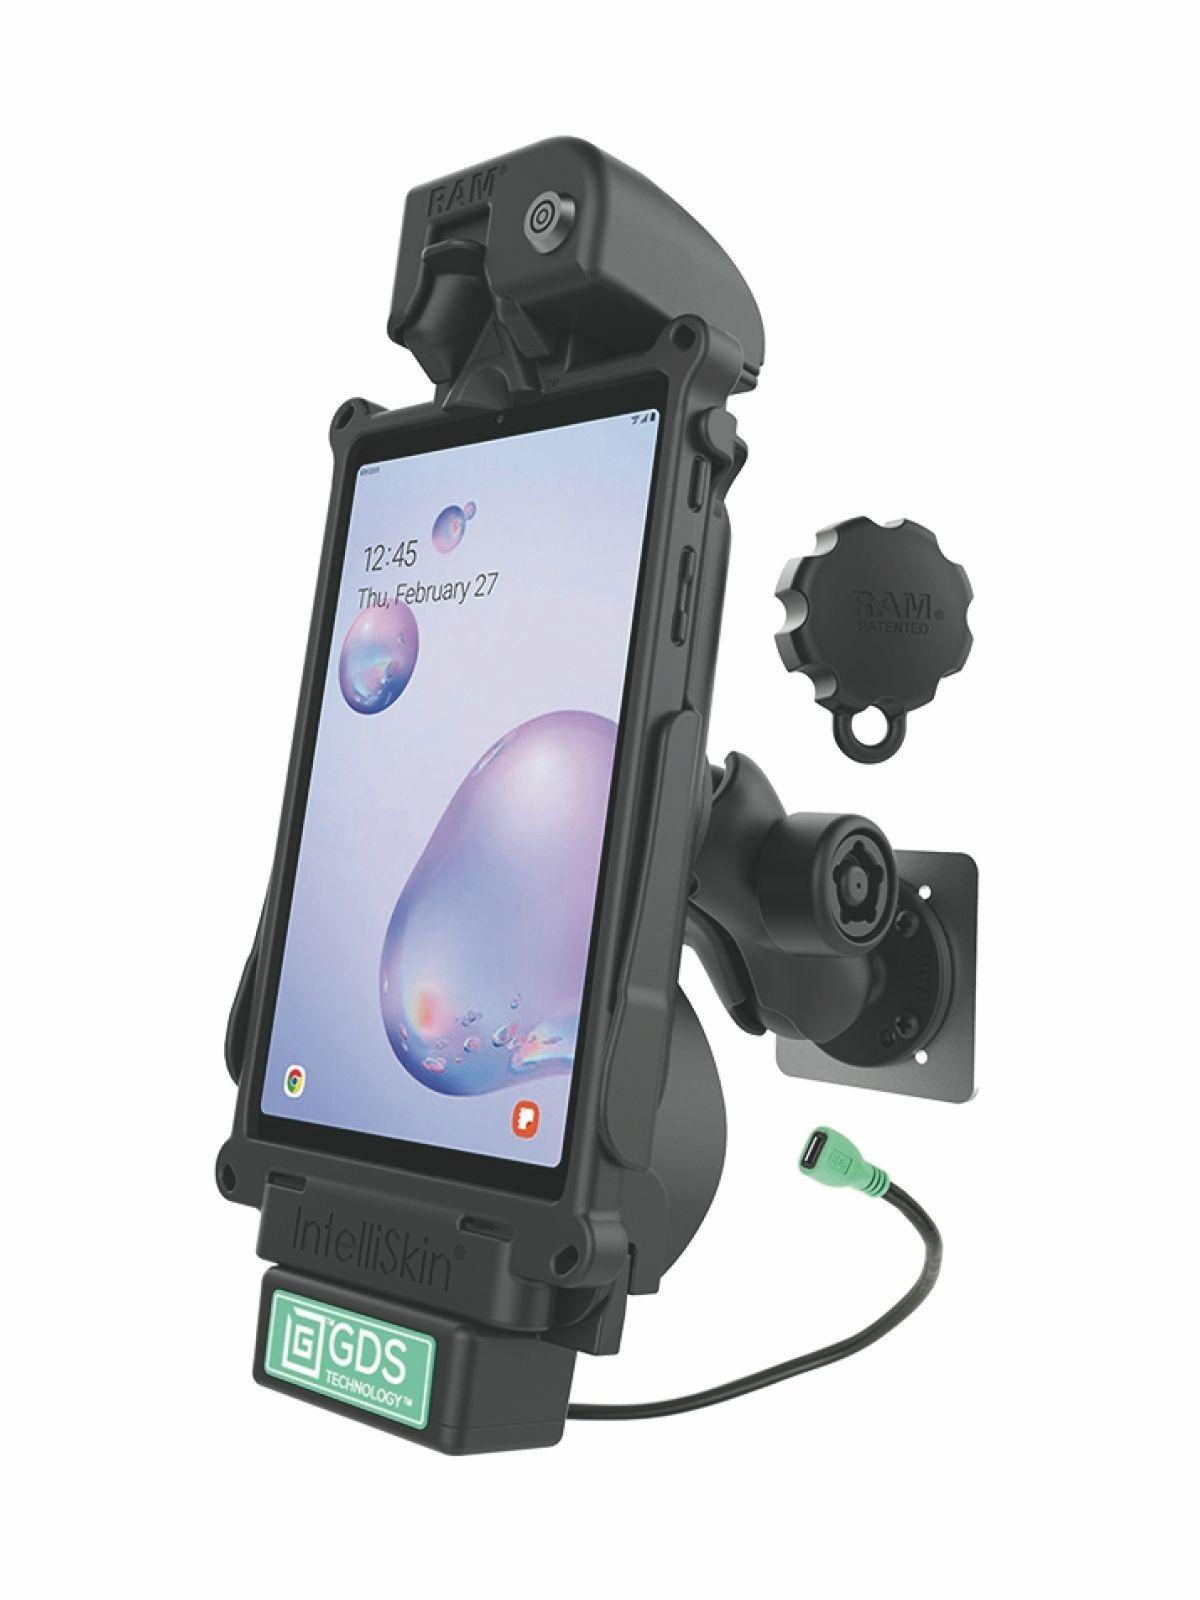 RAM Mounts GDS Bundle Dockingstation u. IntelliSkin-Lade-/Schutzhülle Samsung Tab A 8.4 (SM-T307) - microUSB-Stromanbindung, abschließbar, für Wandbefestigung geeignet, Pin-Lock Sicherung